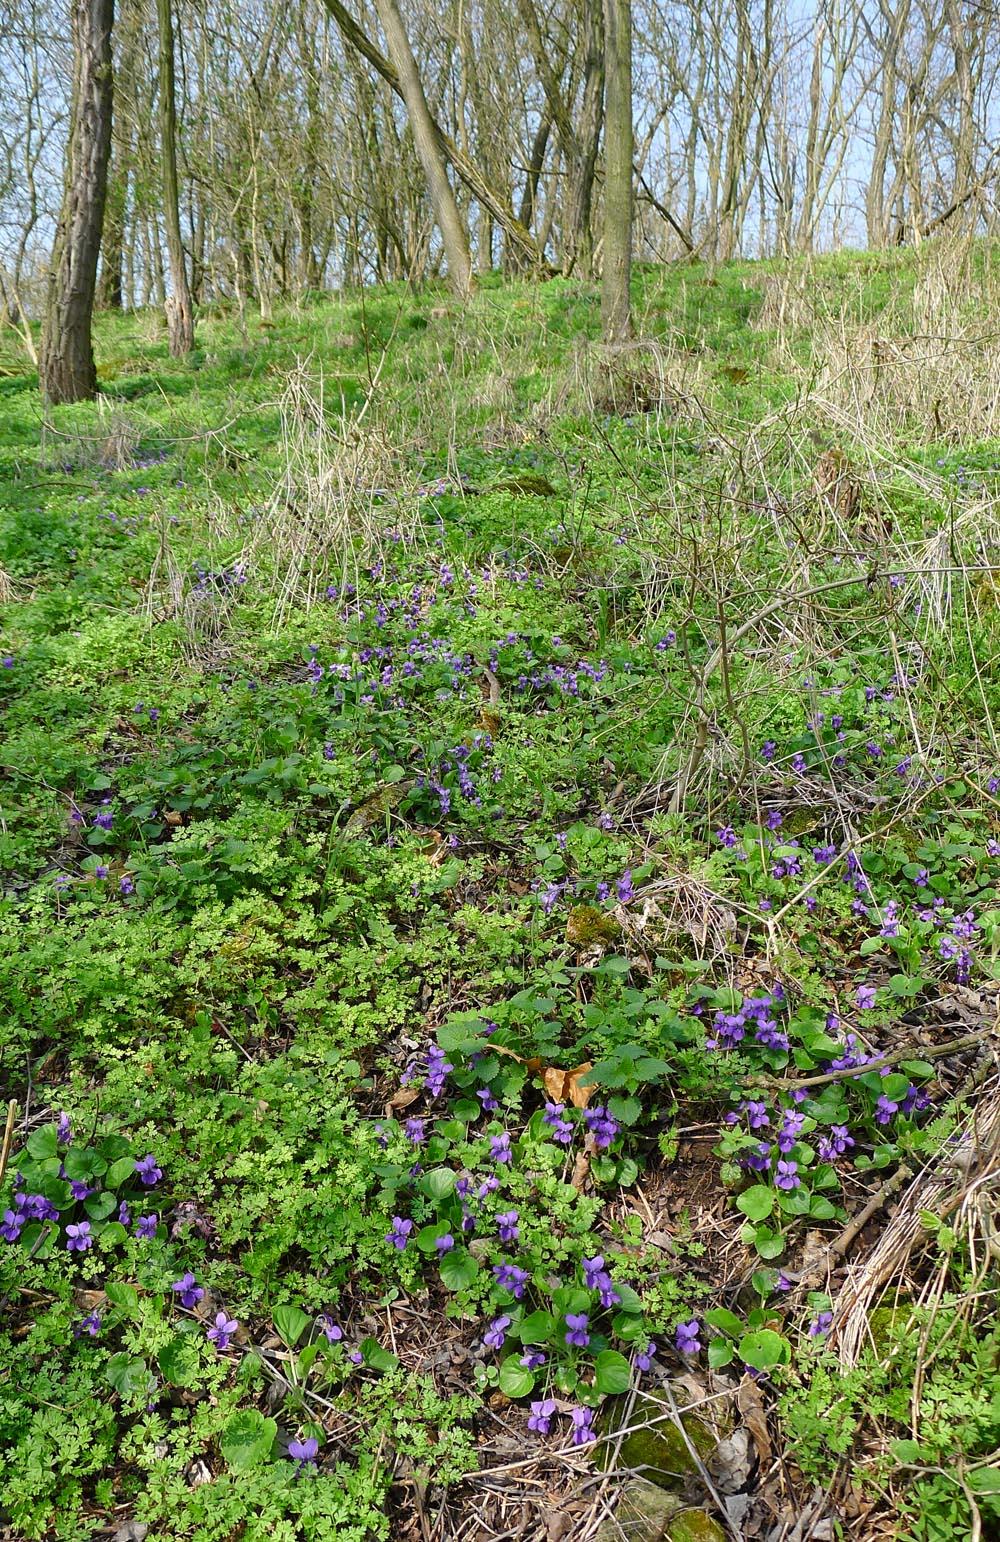 k jarnímu houbaření lákají především prosvětlené adoposud neolistěné háje